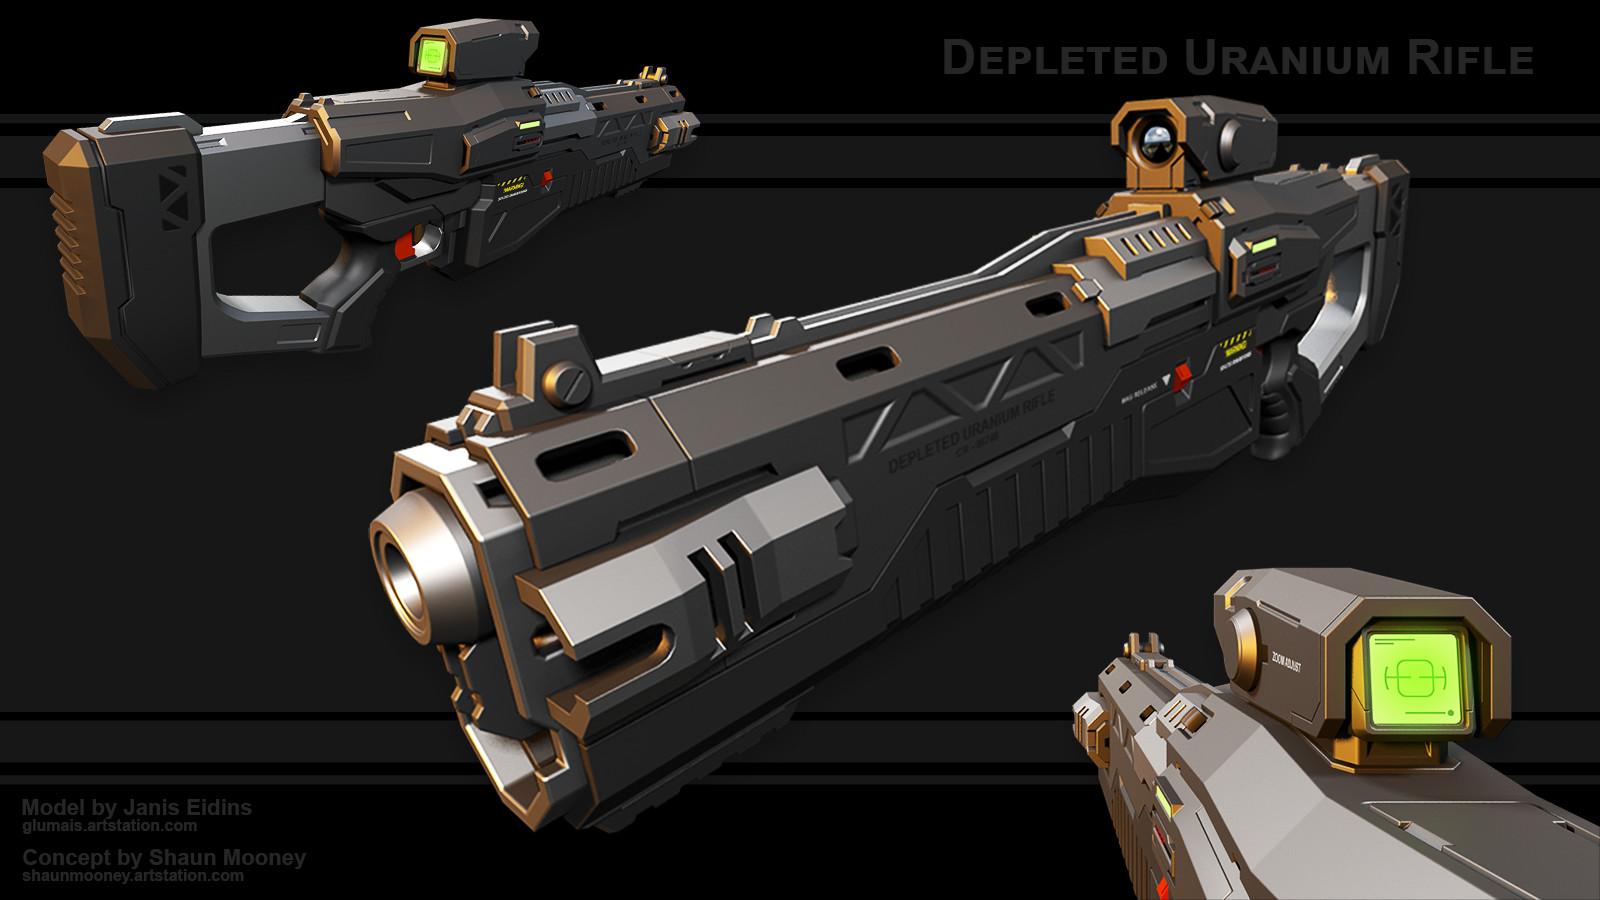 ArtStation - Depleted Uranium Rifle, Janis Eidins